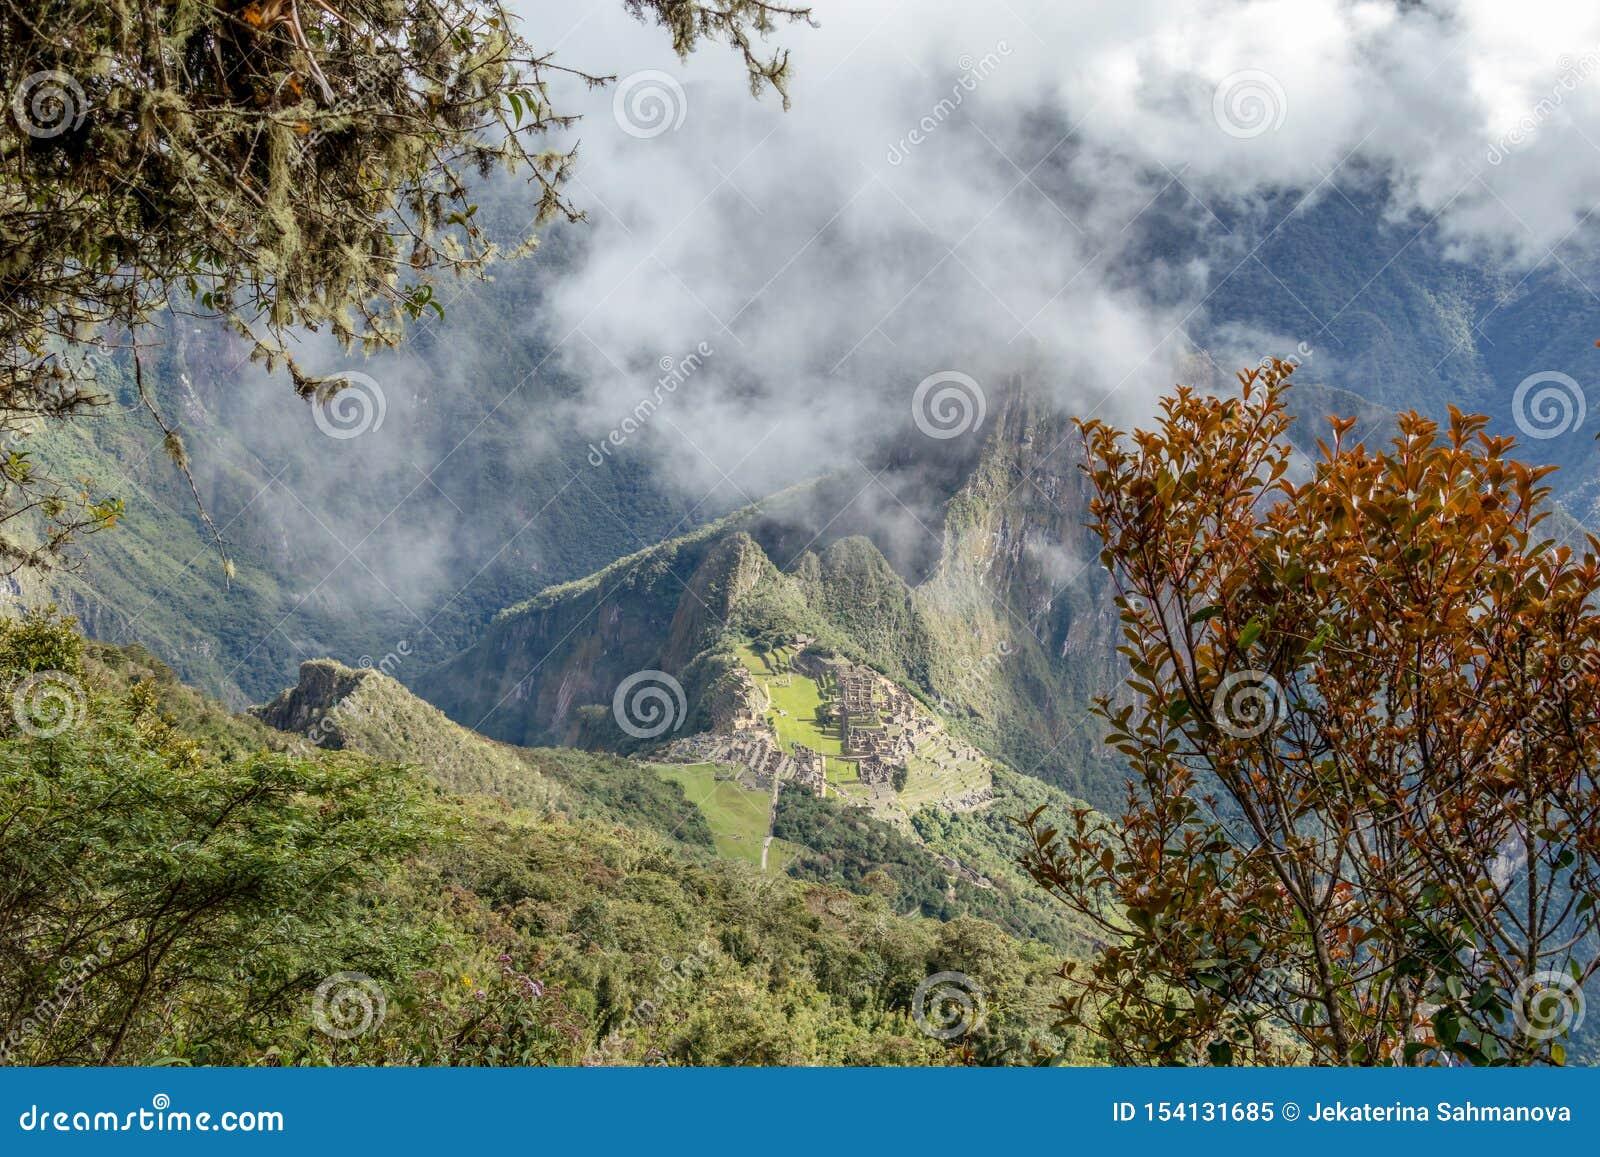 Vista aérea da citadela do Inca de Machu Picchu nas nuvens, situada em um cume da montanha acima do vale sagrado